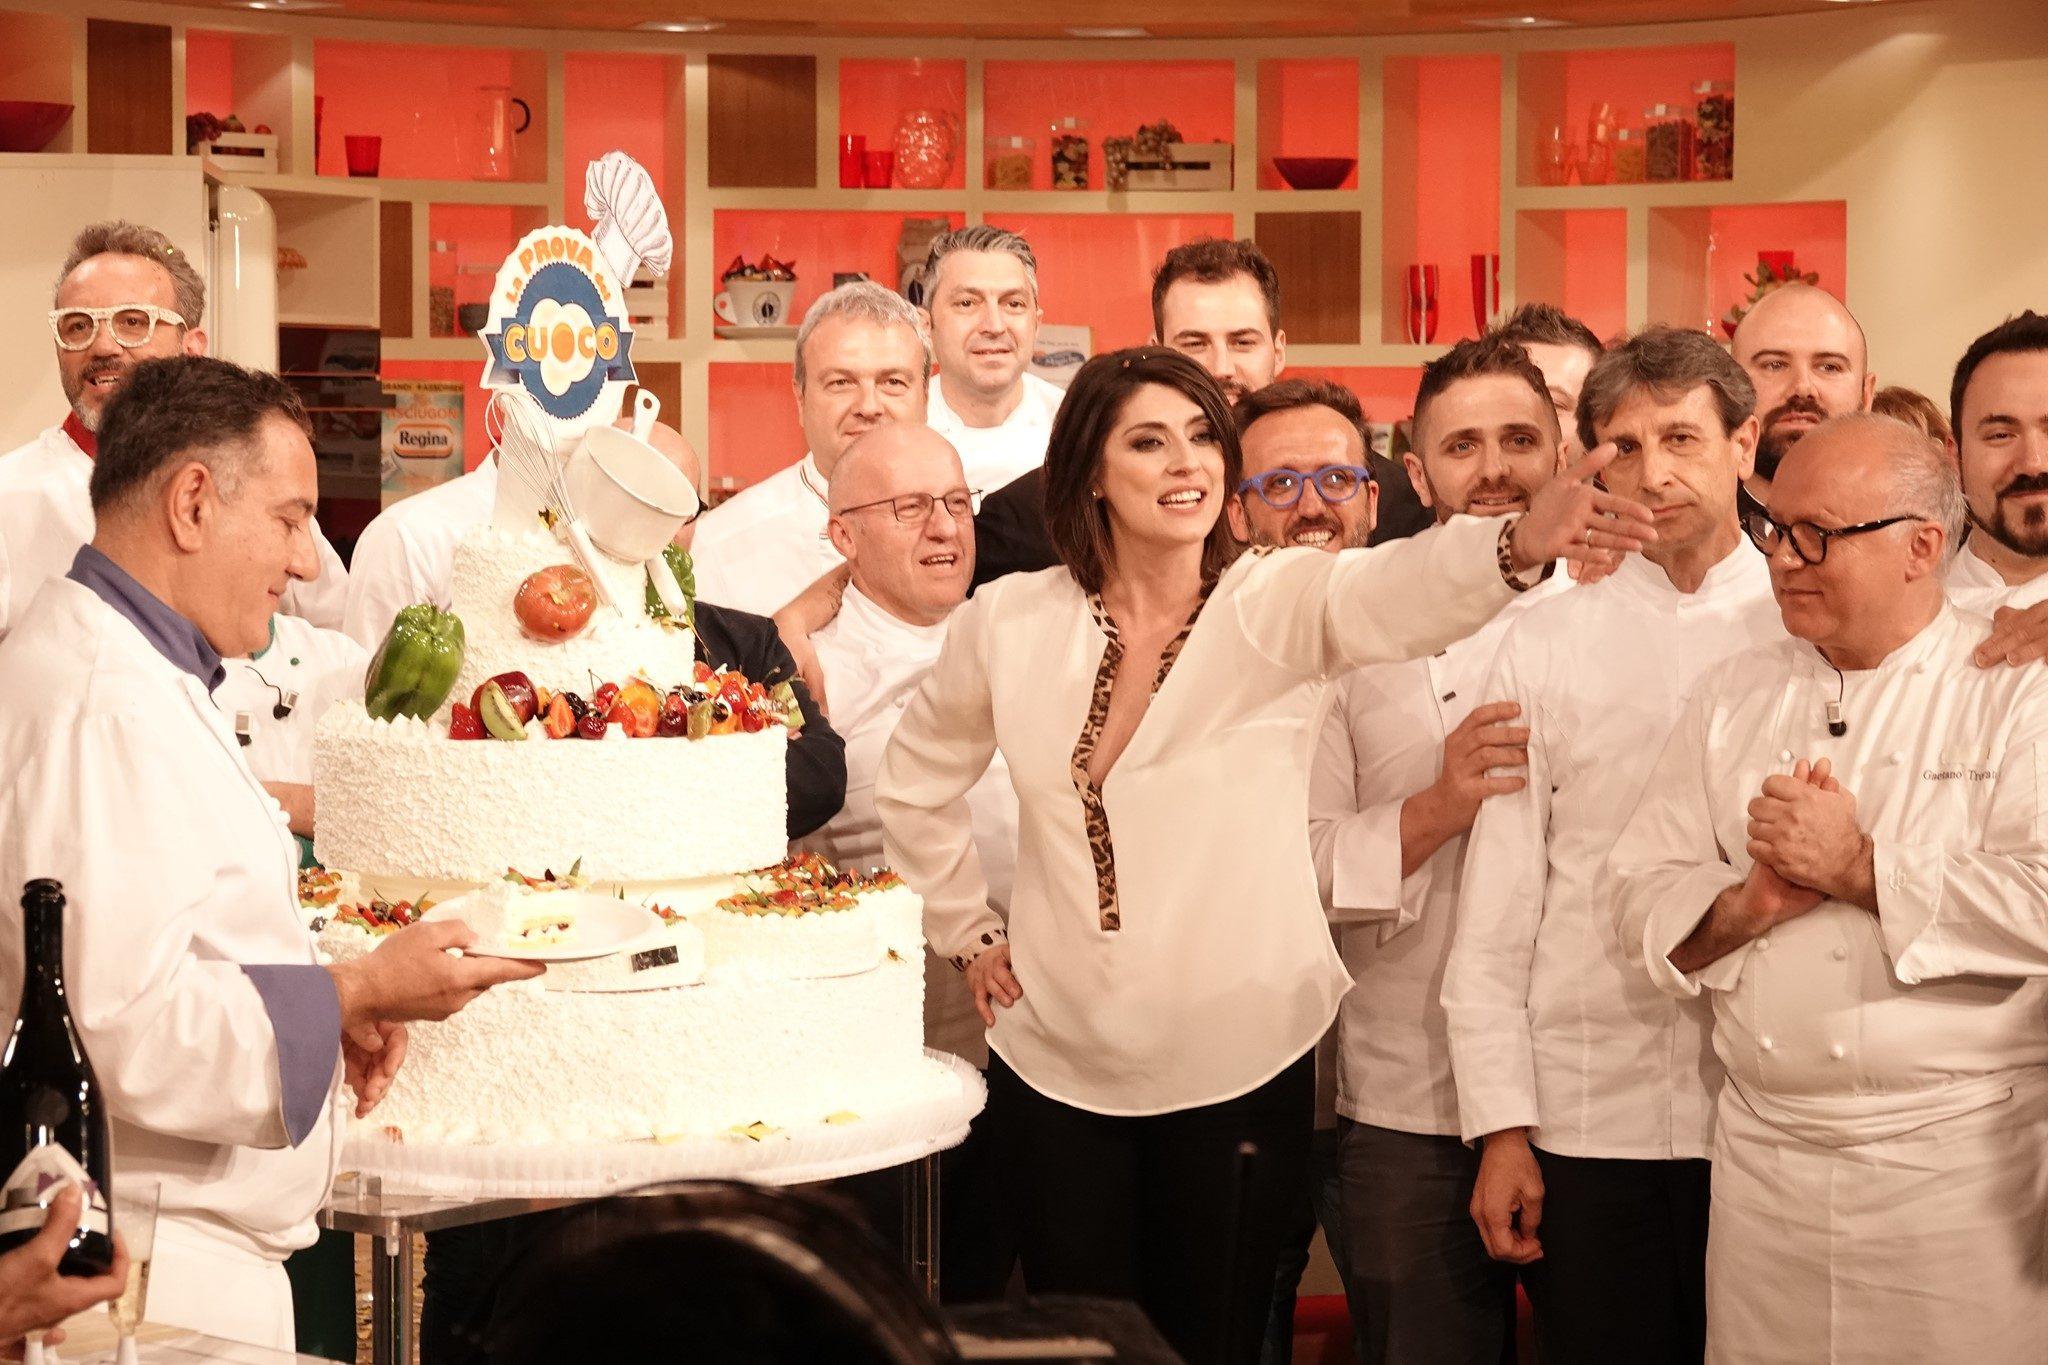 La Prova del Cuoco chiude: domani ultima puntata per lo storico cooking show televisivo